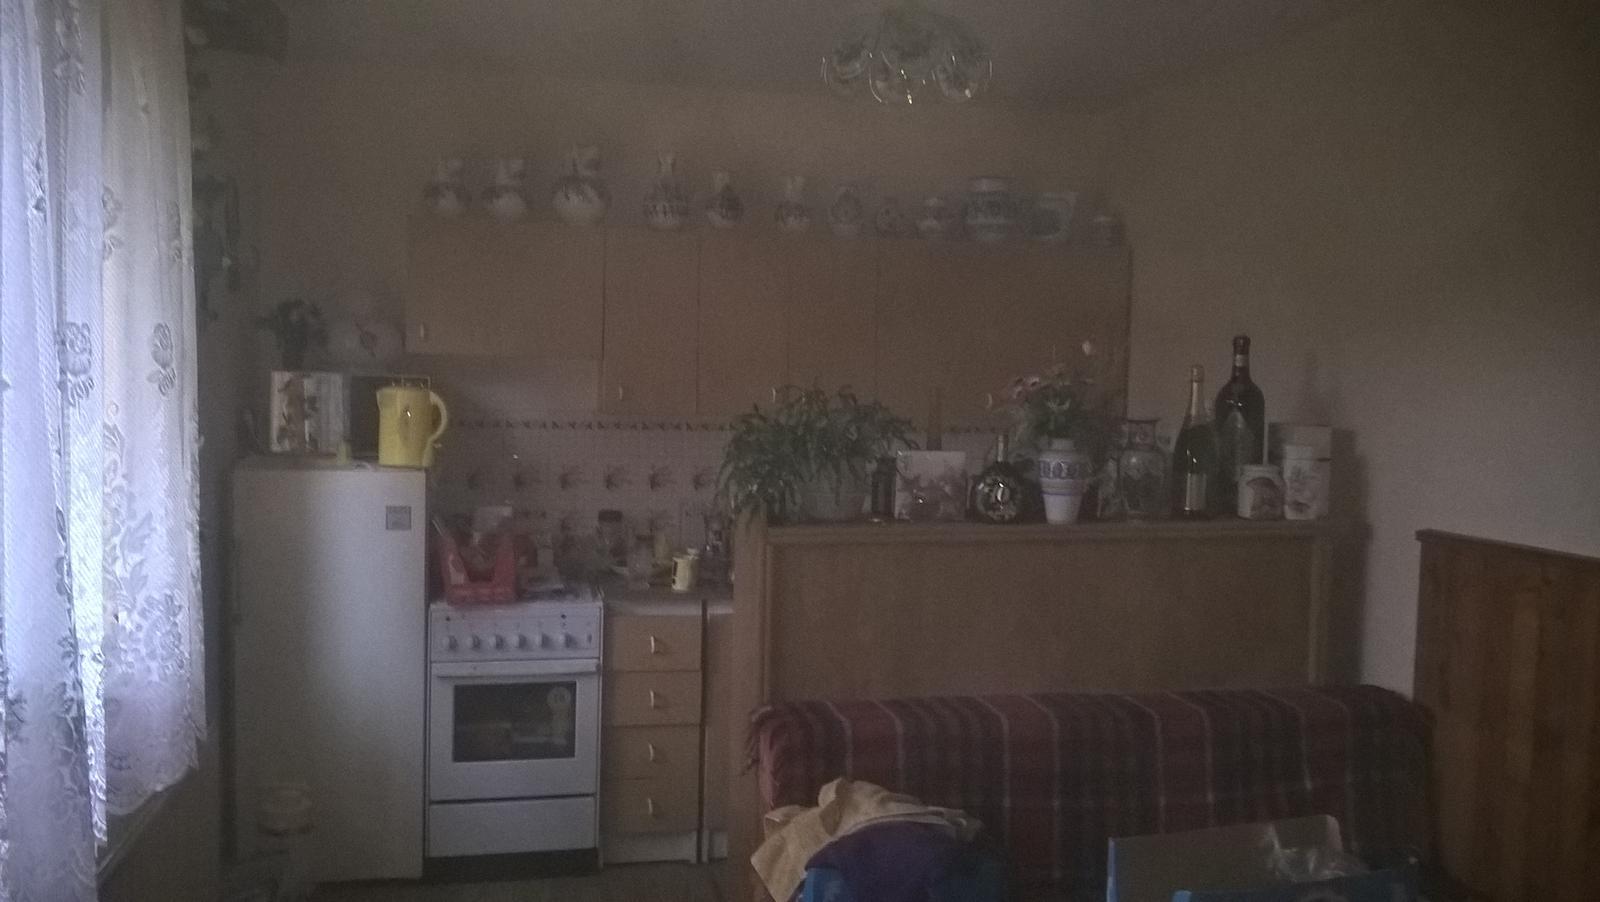 Spoločné hniezdočko - 2.návšteva domu pohľad do kuchyne